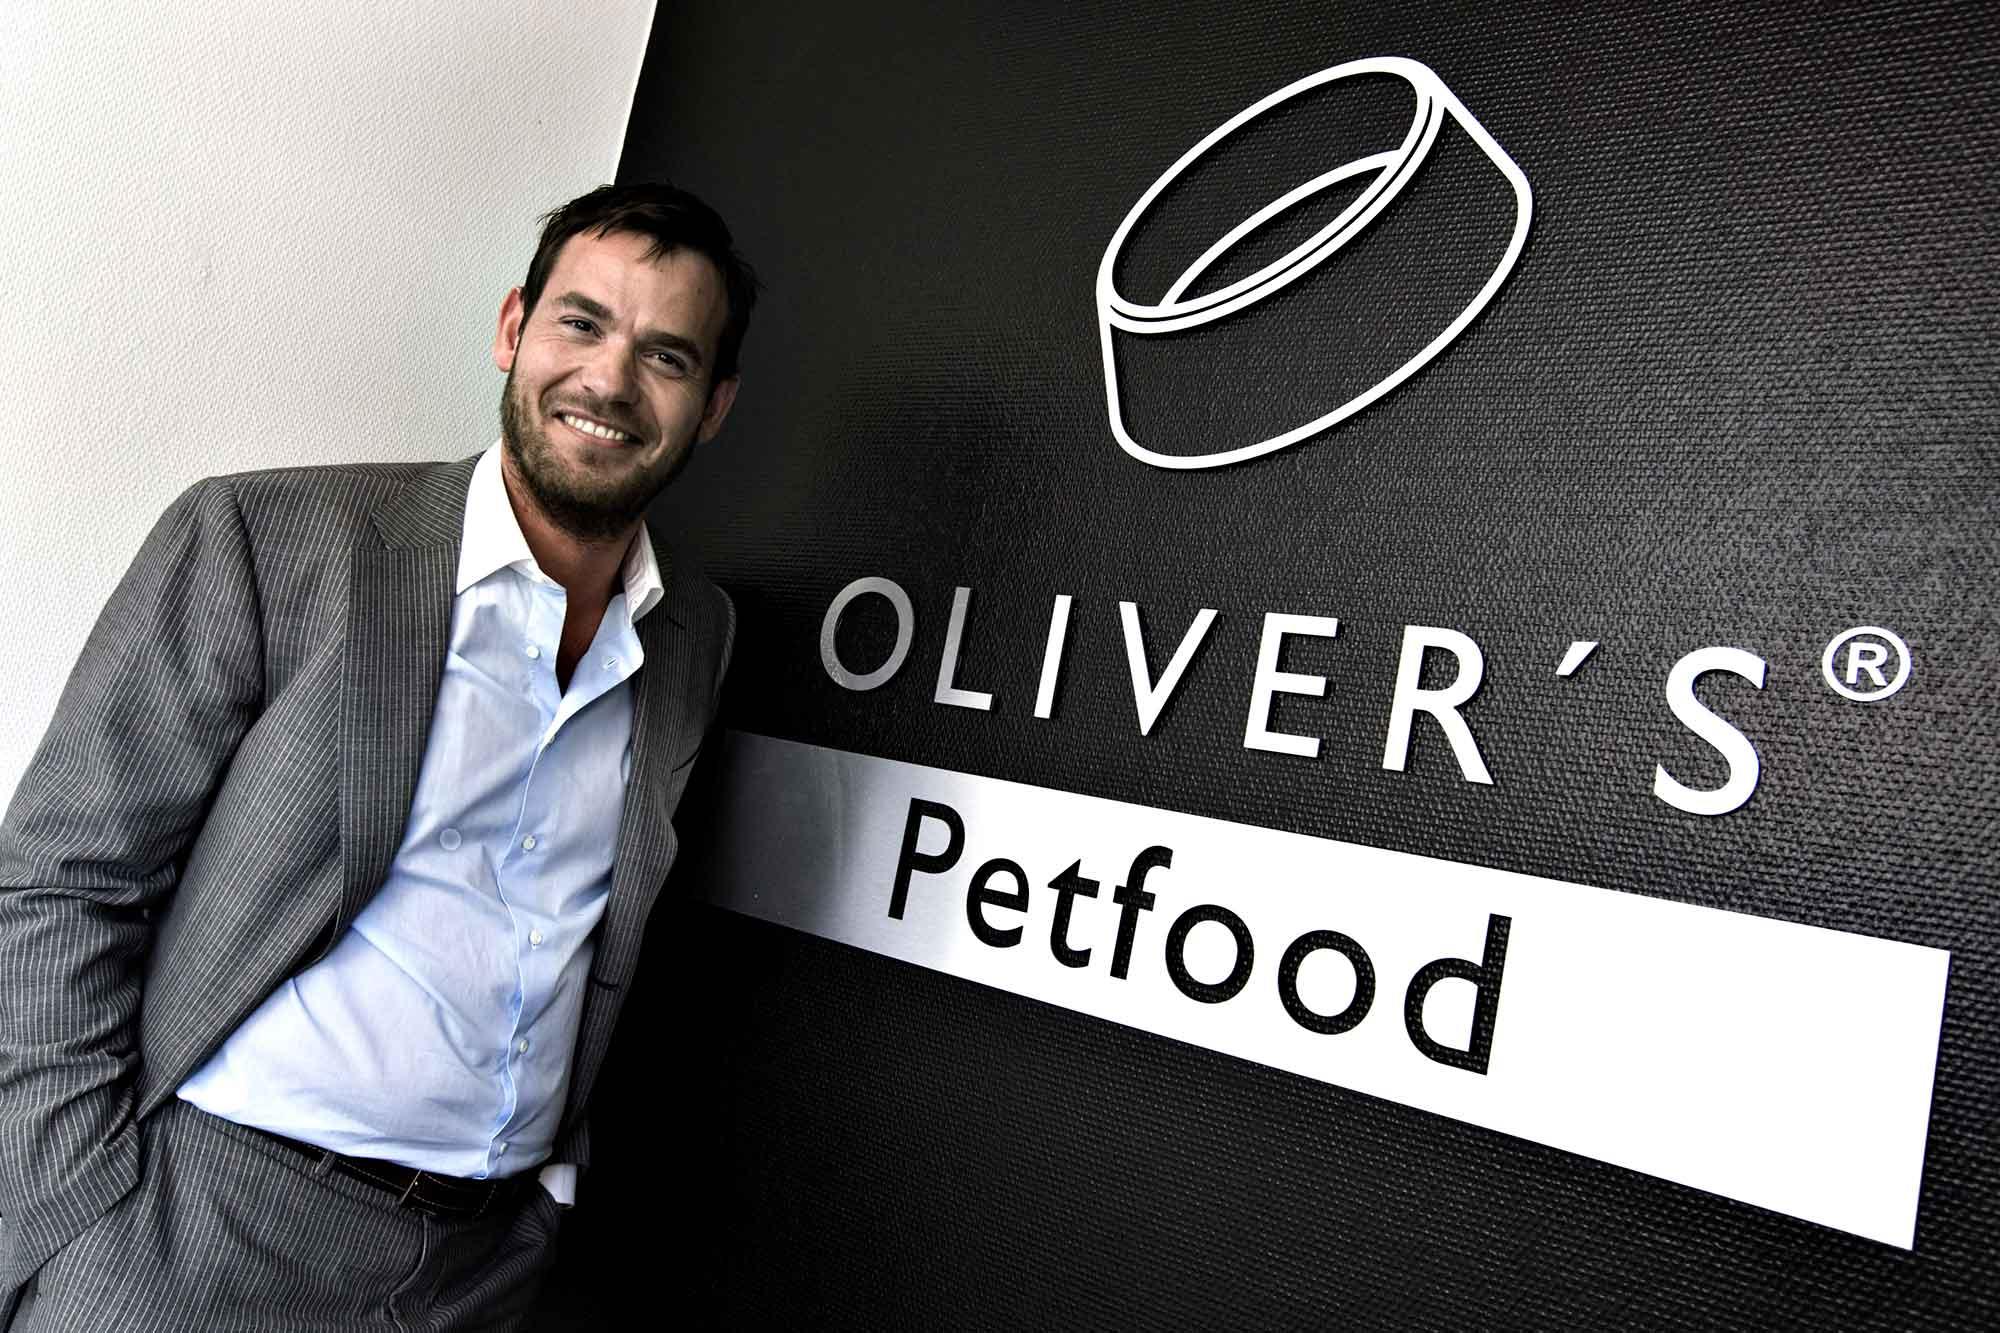 Olivers Petfood